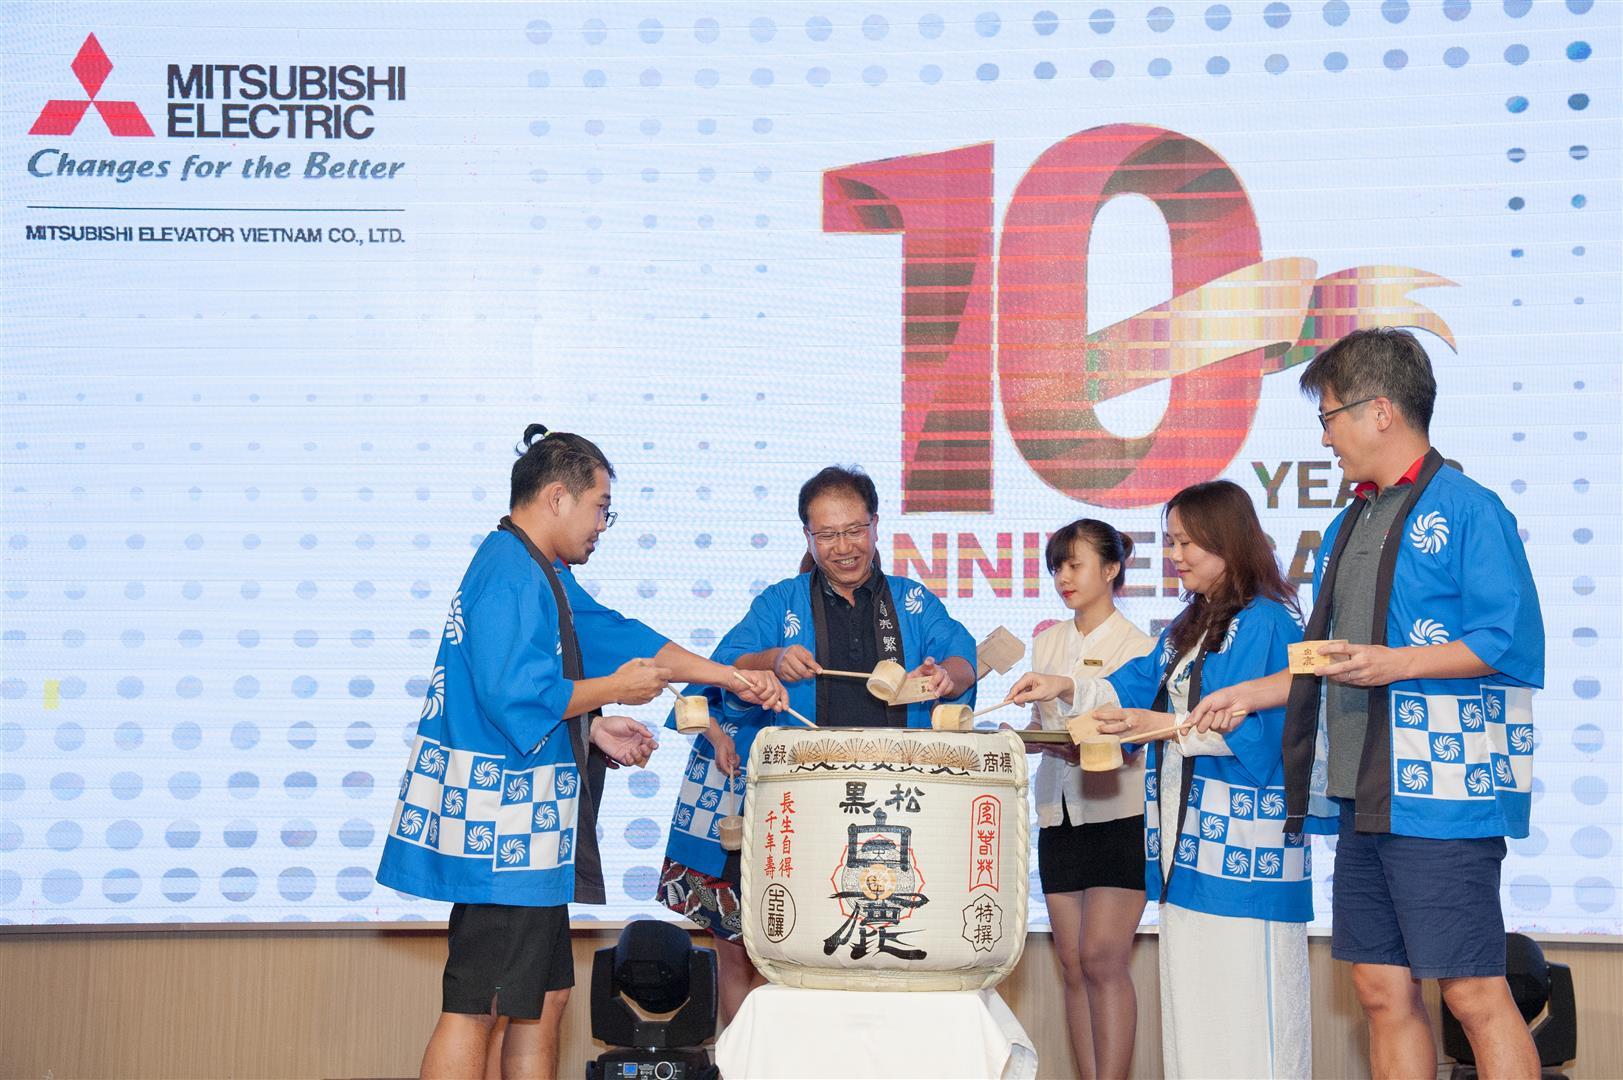 VMEC tổ chức Lễ kỷ niệm 10 năm thành lập Công ty tại biển đảo Phú Quốc